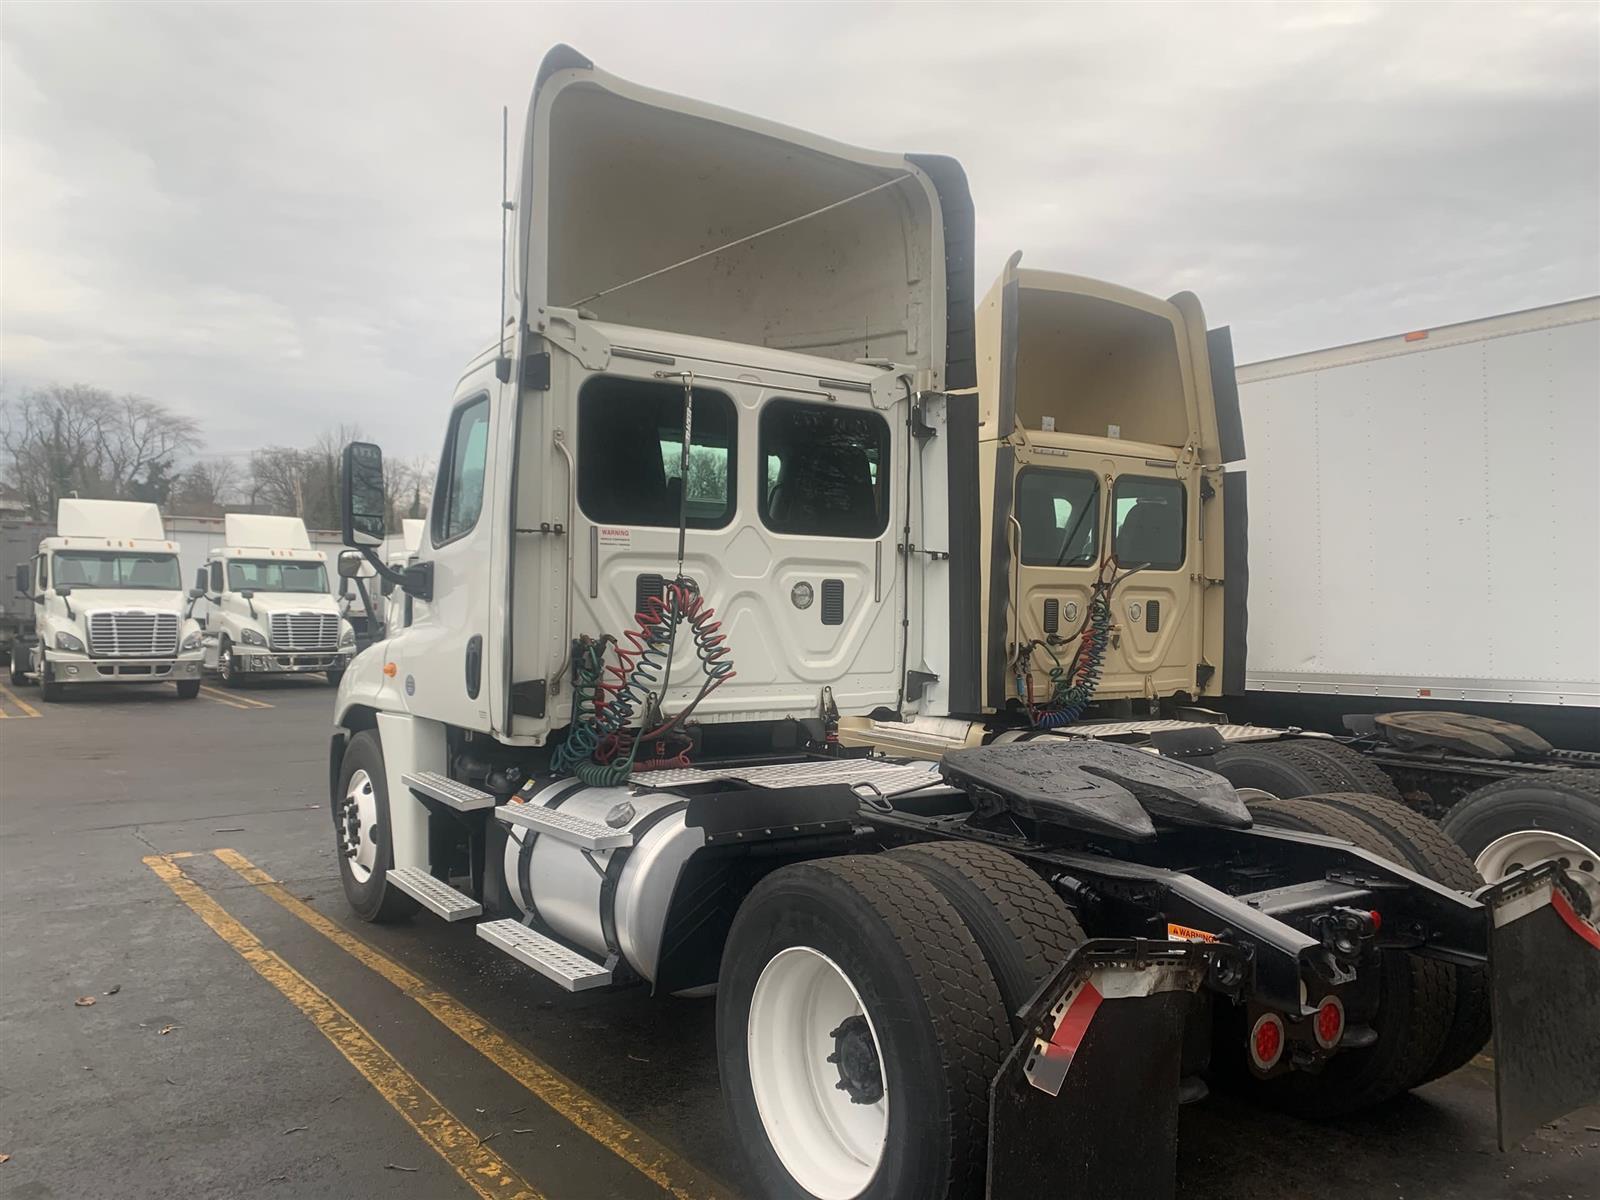 2014 Freightliner Truck 4x2, Tractor #546974 - photo 1